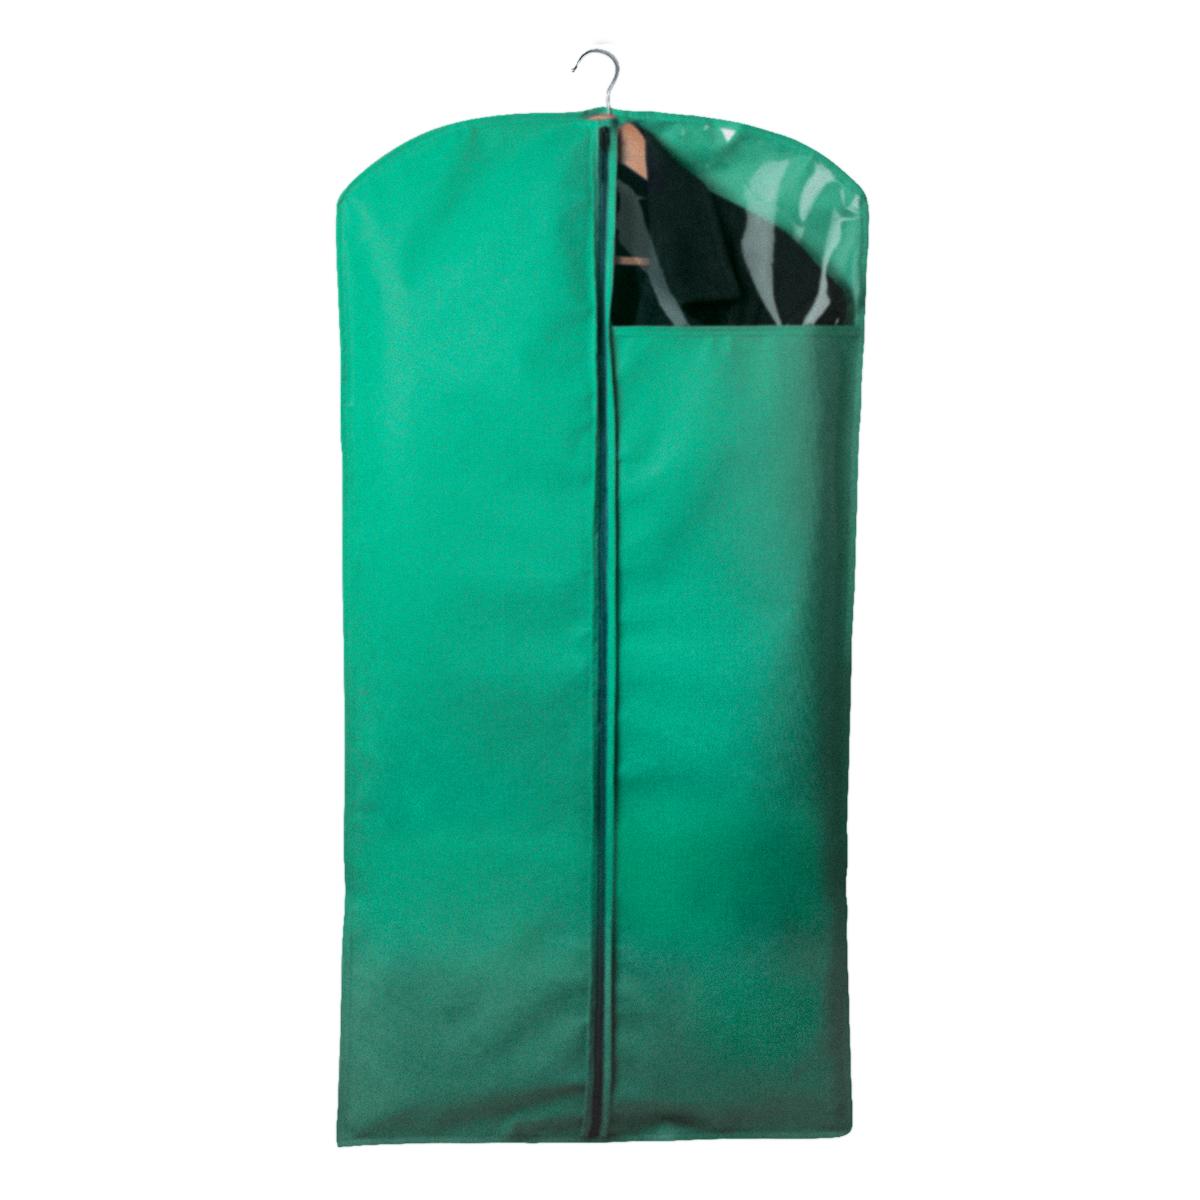 Чехол для одежды Miolla, с окошком, цвет: зеленый, 120 х 60 см1004900000360Чехол для костюмов и платьев Miolla на застежке-молнии выполнен из высококачественного нетканого материала. Прозрачное полиэтиленовое окошко позволяет видеть содержимое чехла. Подходит для длительного хранения вещей.Чехол обеспечивает вашей одежде надежную защиту от влажности, повреждений и грязи при транспортировке, от запыления при хранении и проникновения моли. Чехол обладает водоотталкивающими свойствами, а также позволяет воздуху свободно поступать внутрь вещей, обеспечивая их кондиционирование. Размер чехла: 120 х 60 см.